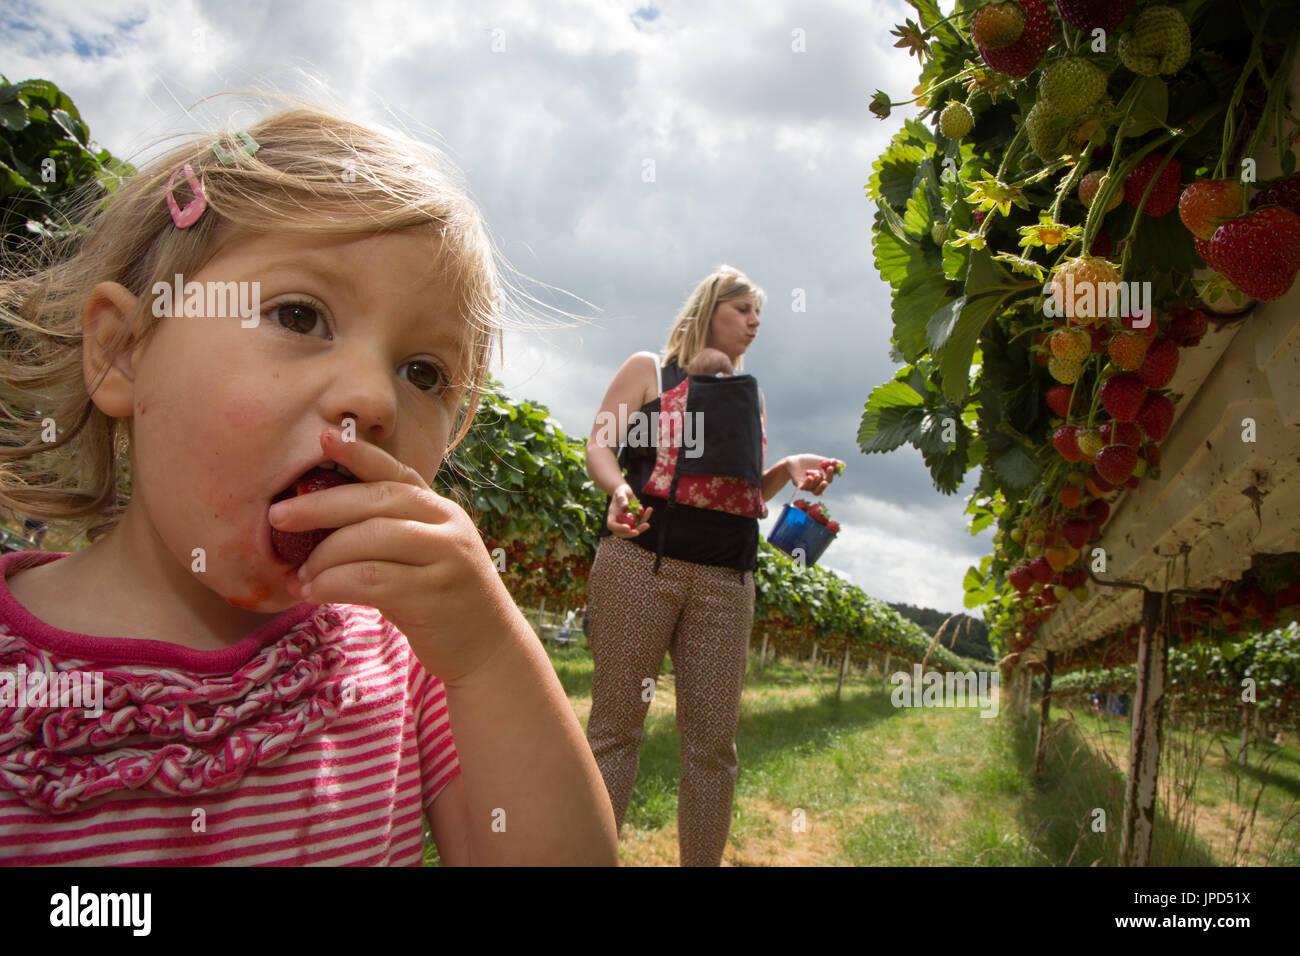 Un Bimbo bimba di diciotto mesi di mangiare fragole in un pick-il vostro-proprio-farm in Inghilterra. La madre e la sorella del bambino sono in background Immagini Stock